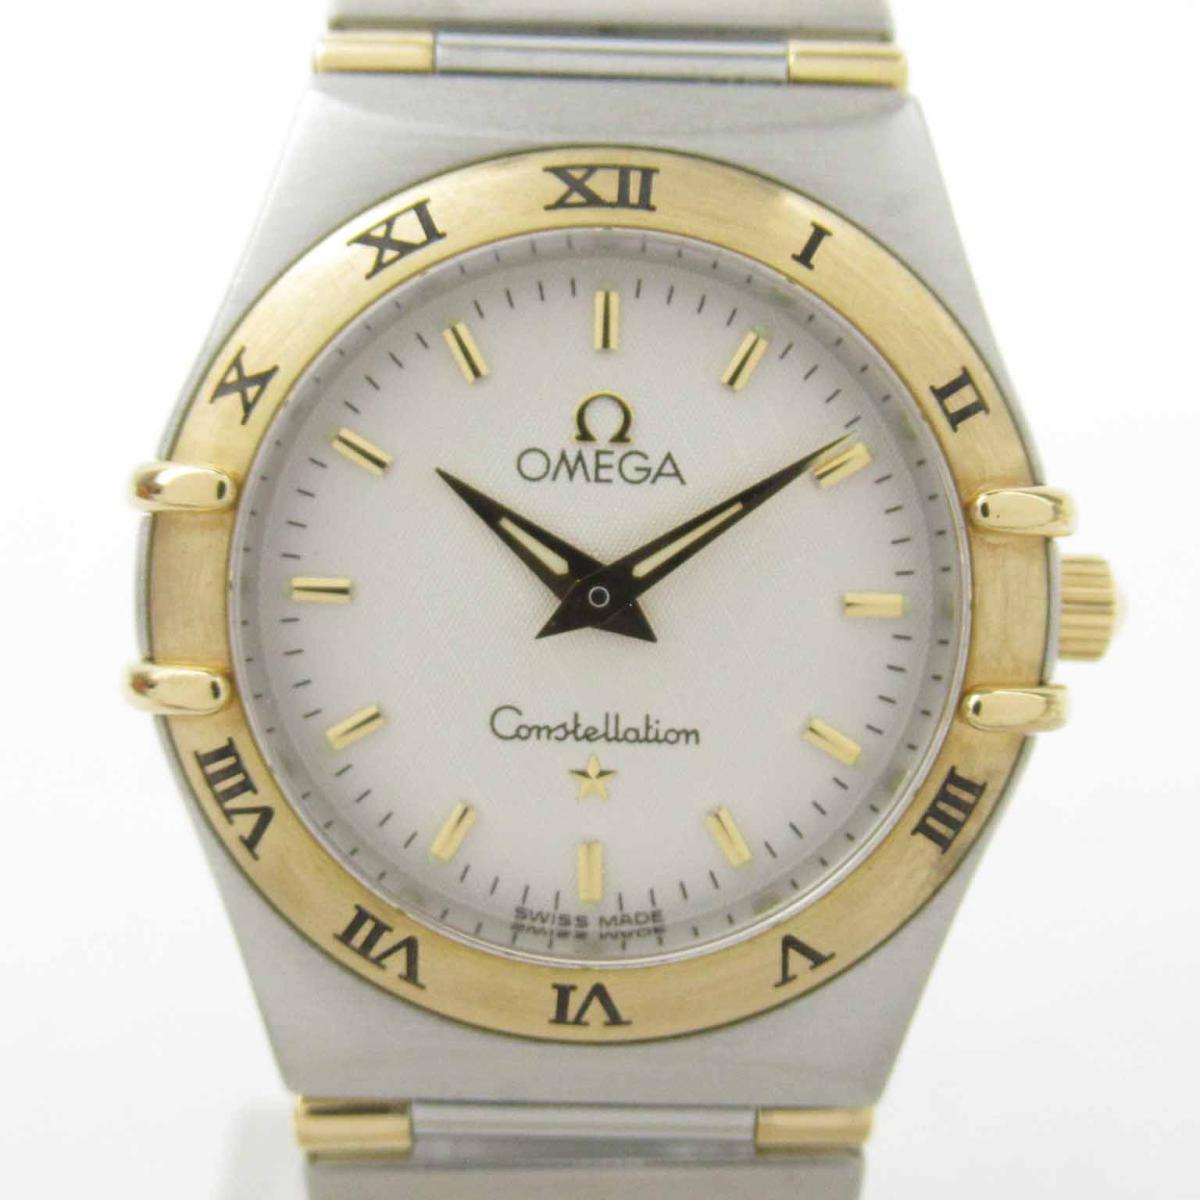 【中古】 オメガ コンステレーション ウォッチ 腕時計 レディース K18YG (750) イエローゴールド ステンレススチール (SS) (1372.30) | OMEGA BRANDOFF ブランドオフ ブランド ブランド時計 ブランド腕時計 時計